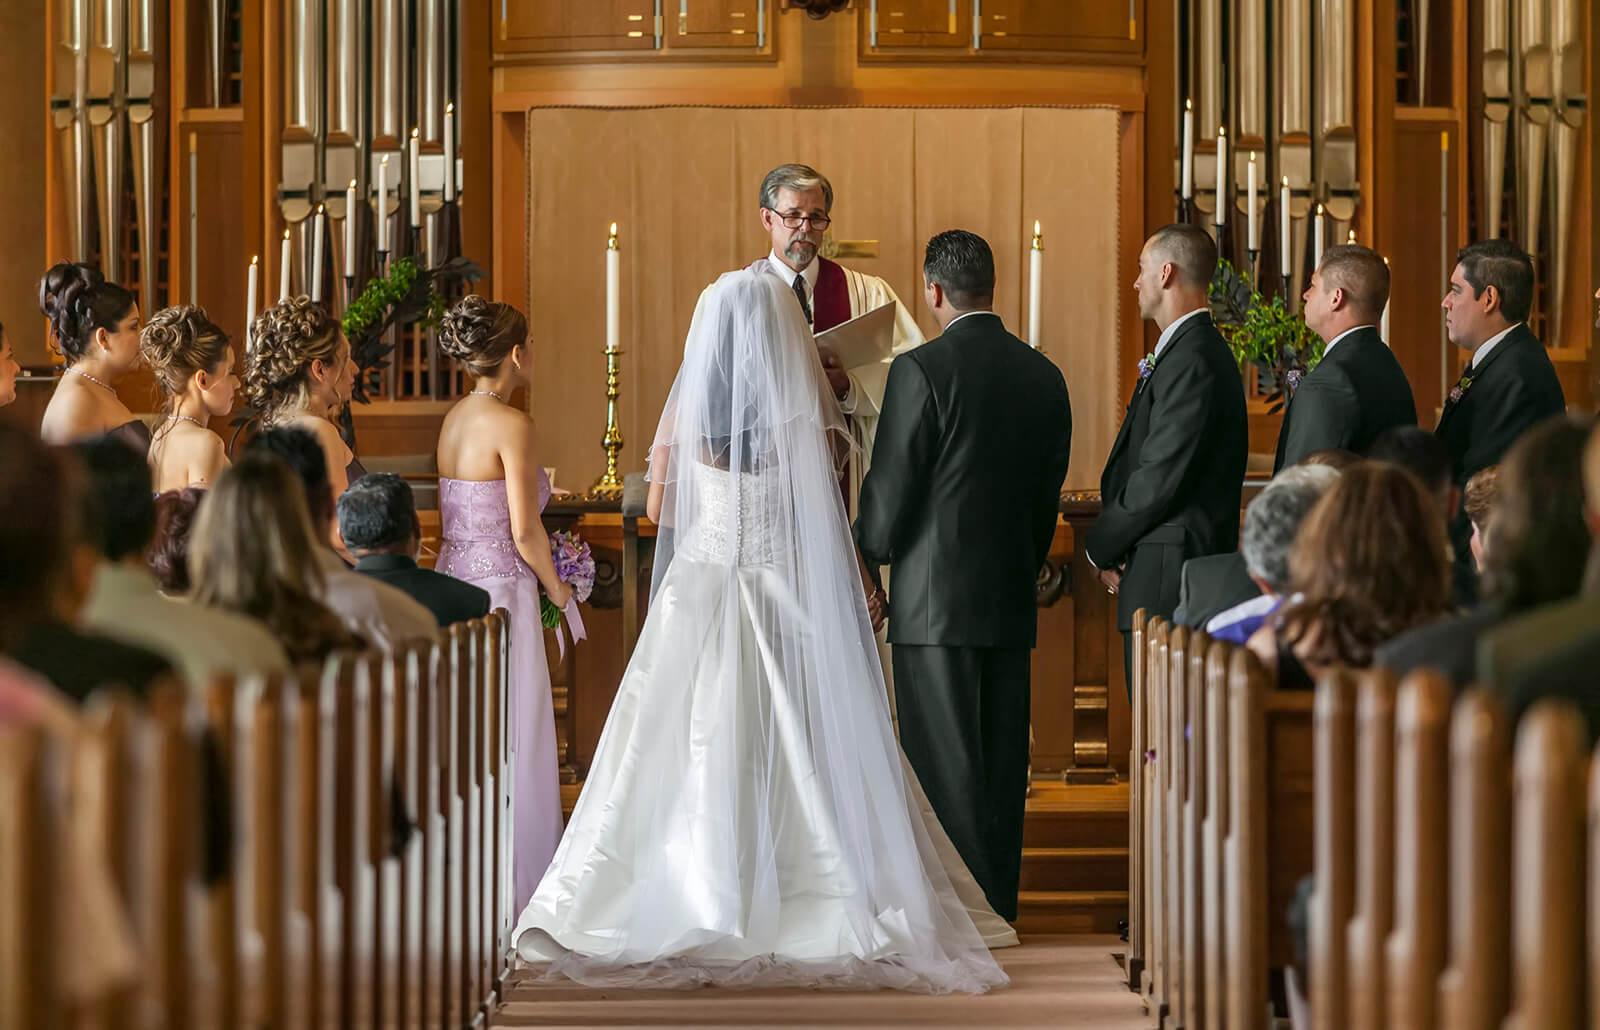 casandose-en-iglesia.jpg